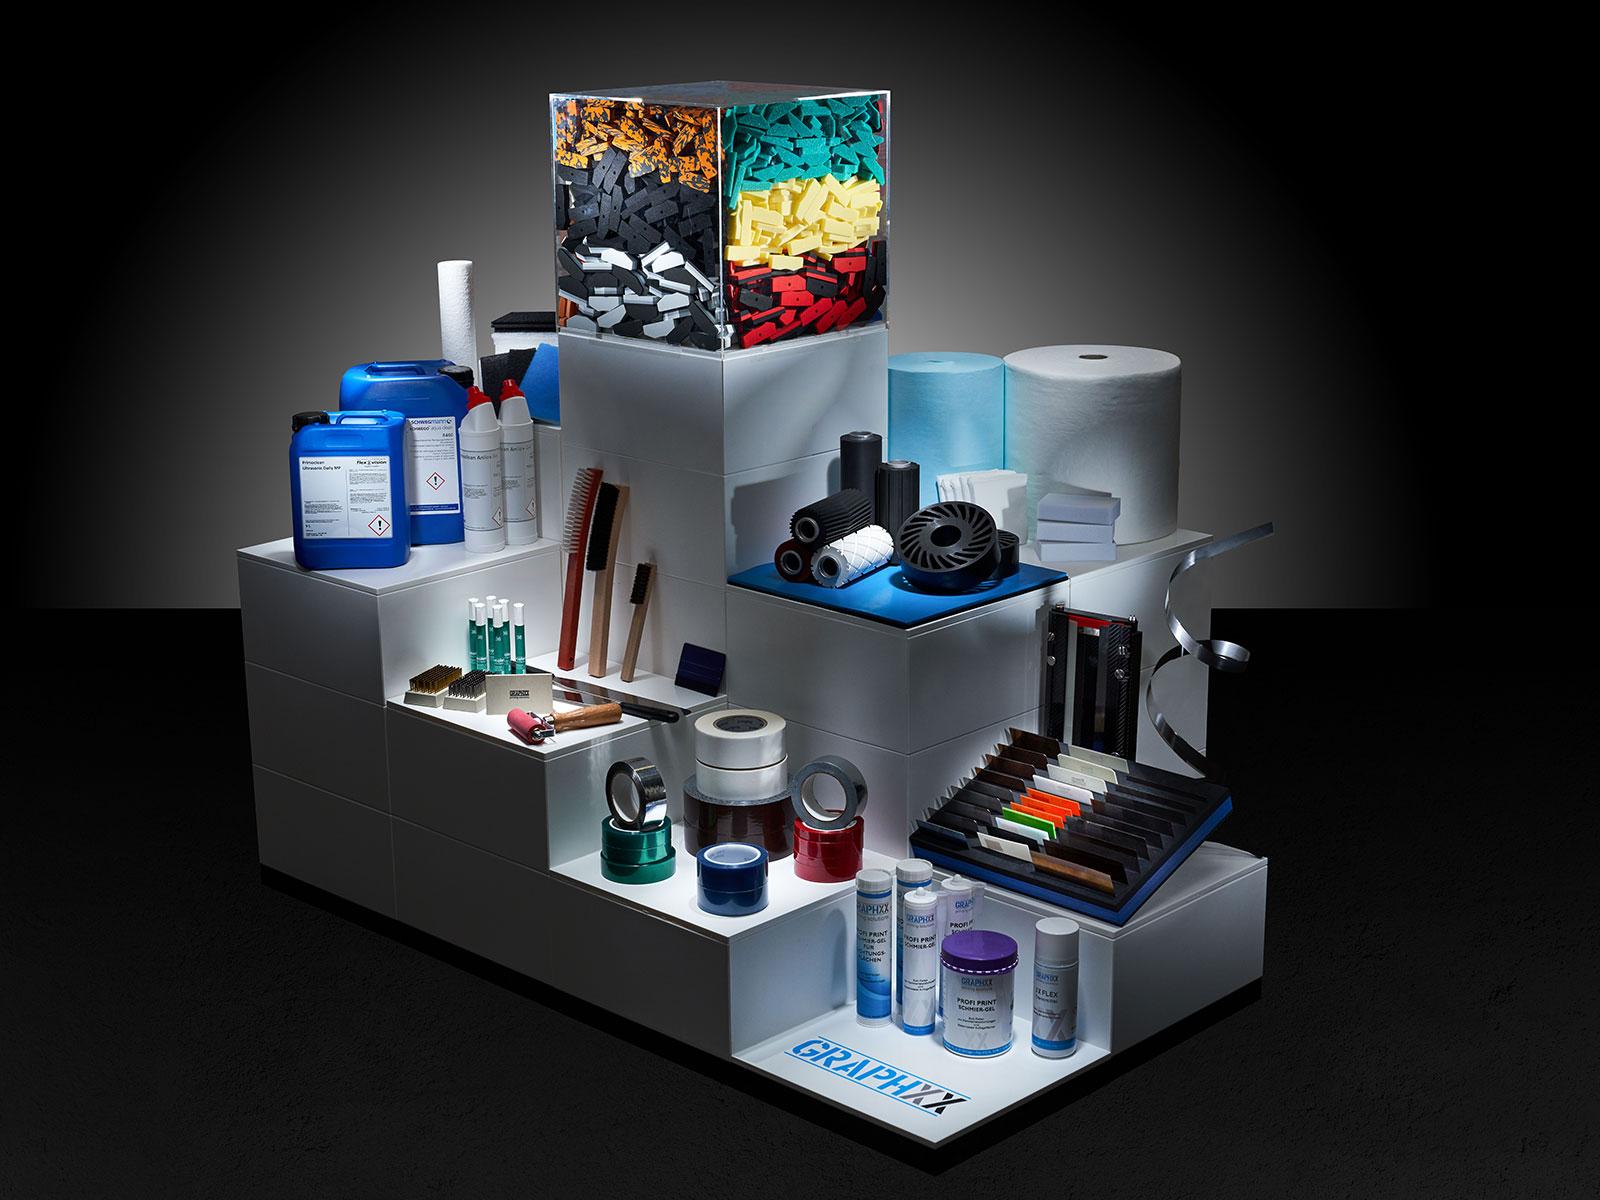 Kammerrakeldichtungen, Drucktücher, Reiniger und Zubehör für den Drucksaal